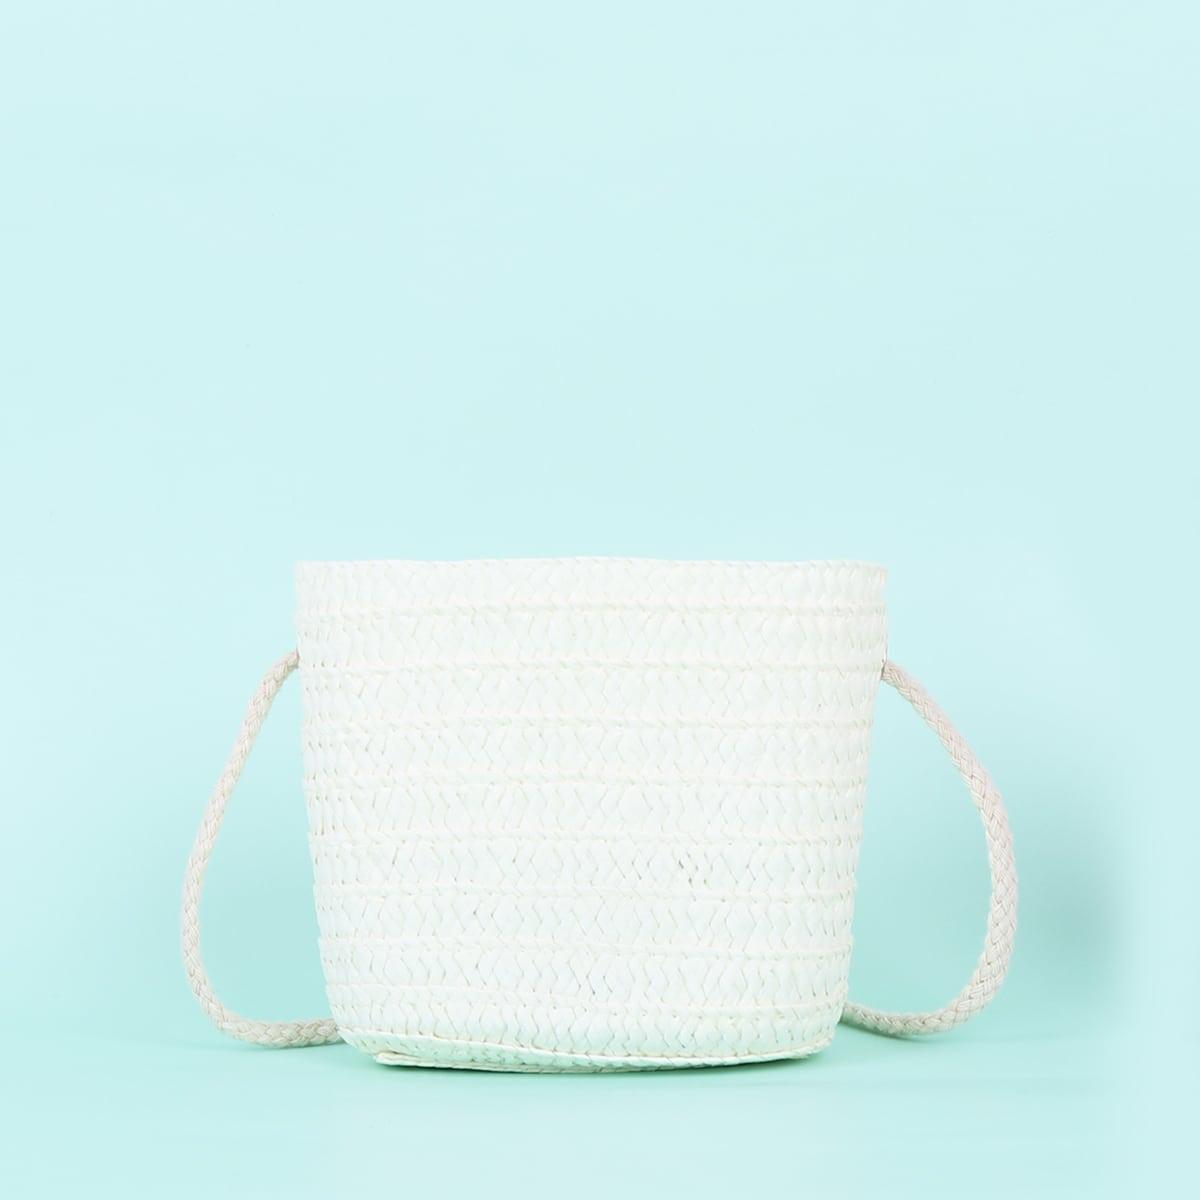 Минималистская соломенная сумка для девочек SheIn skbag18210507182